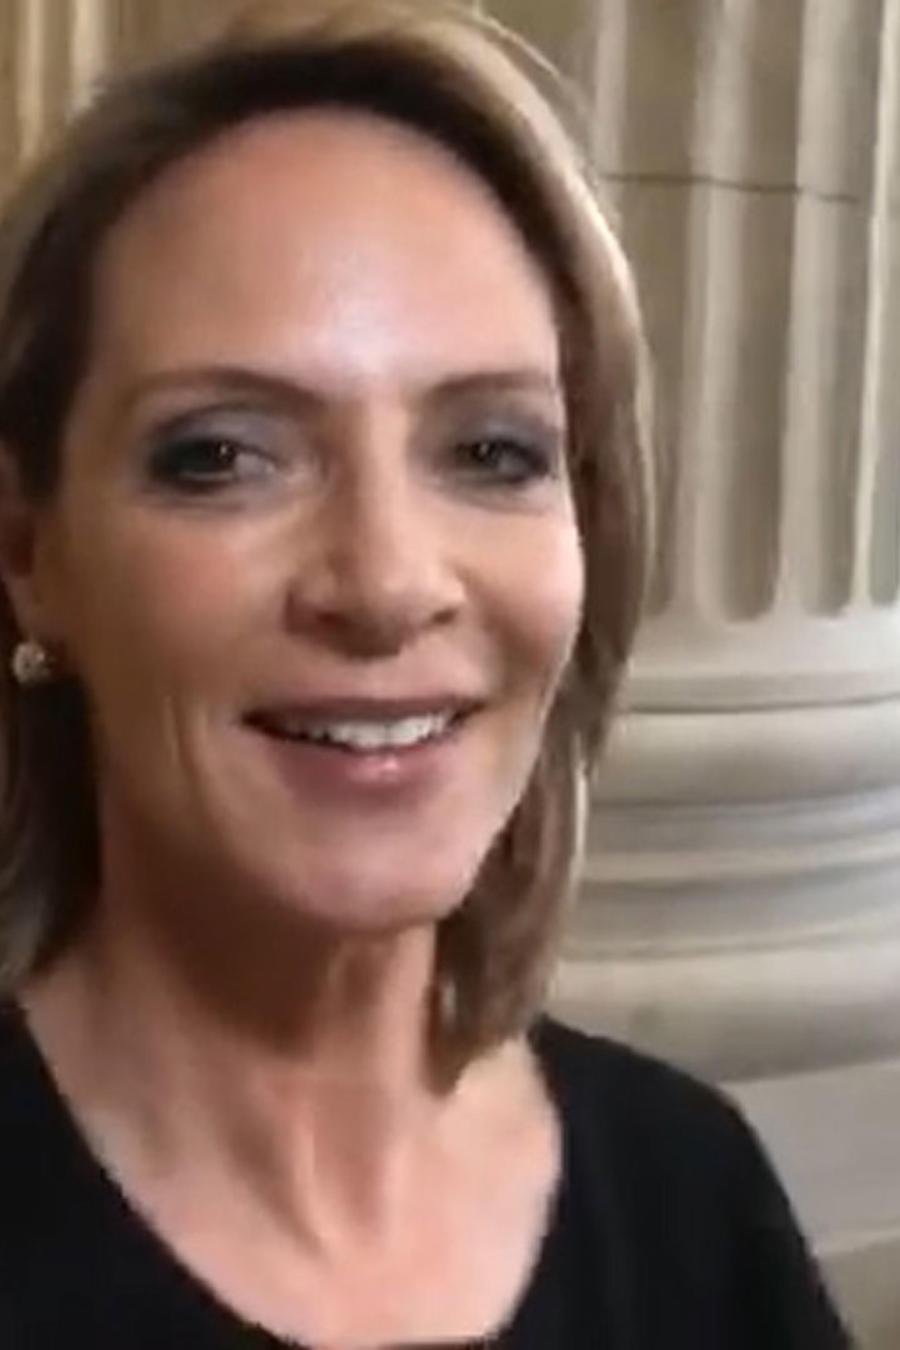 Cristina Londoño informa sobre la incertidumbre en el partido demócrata después de que según fuentes, el presidente Trump les dijera que no va a trabajar con ellos